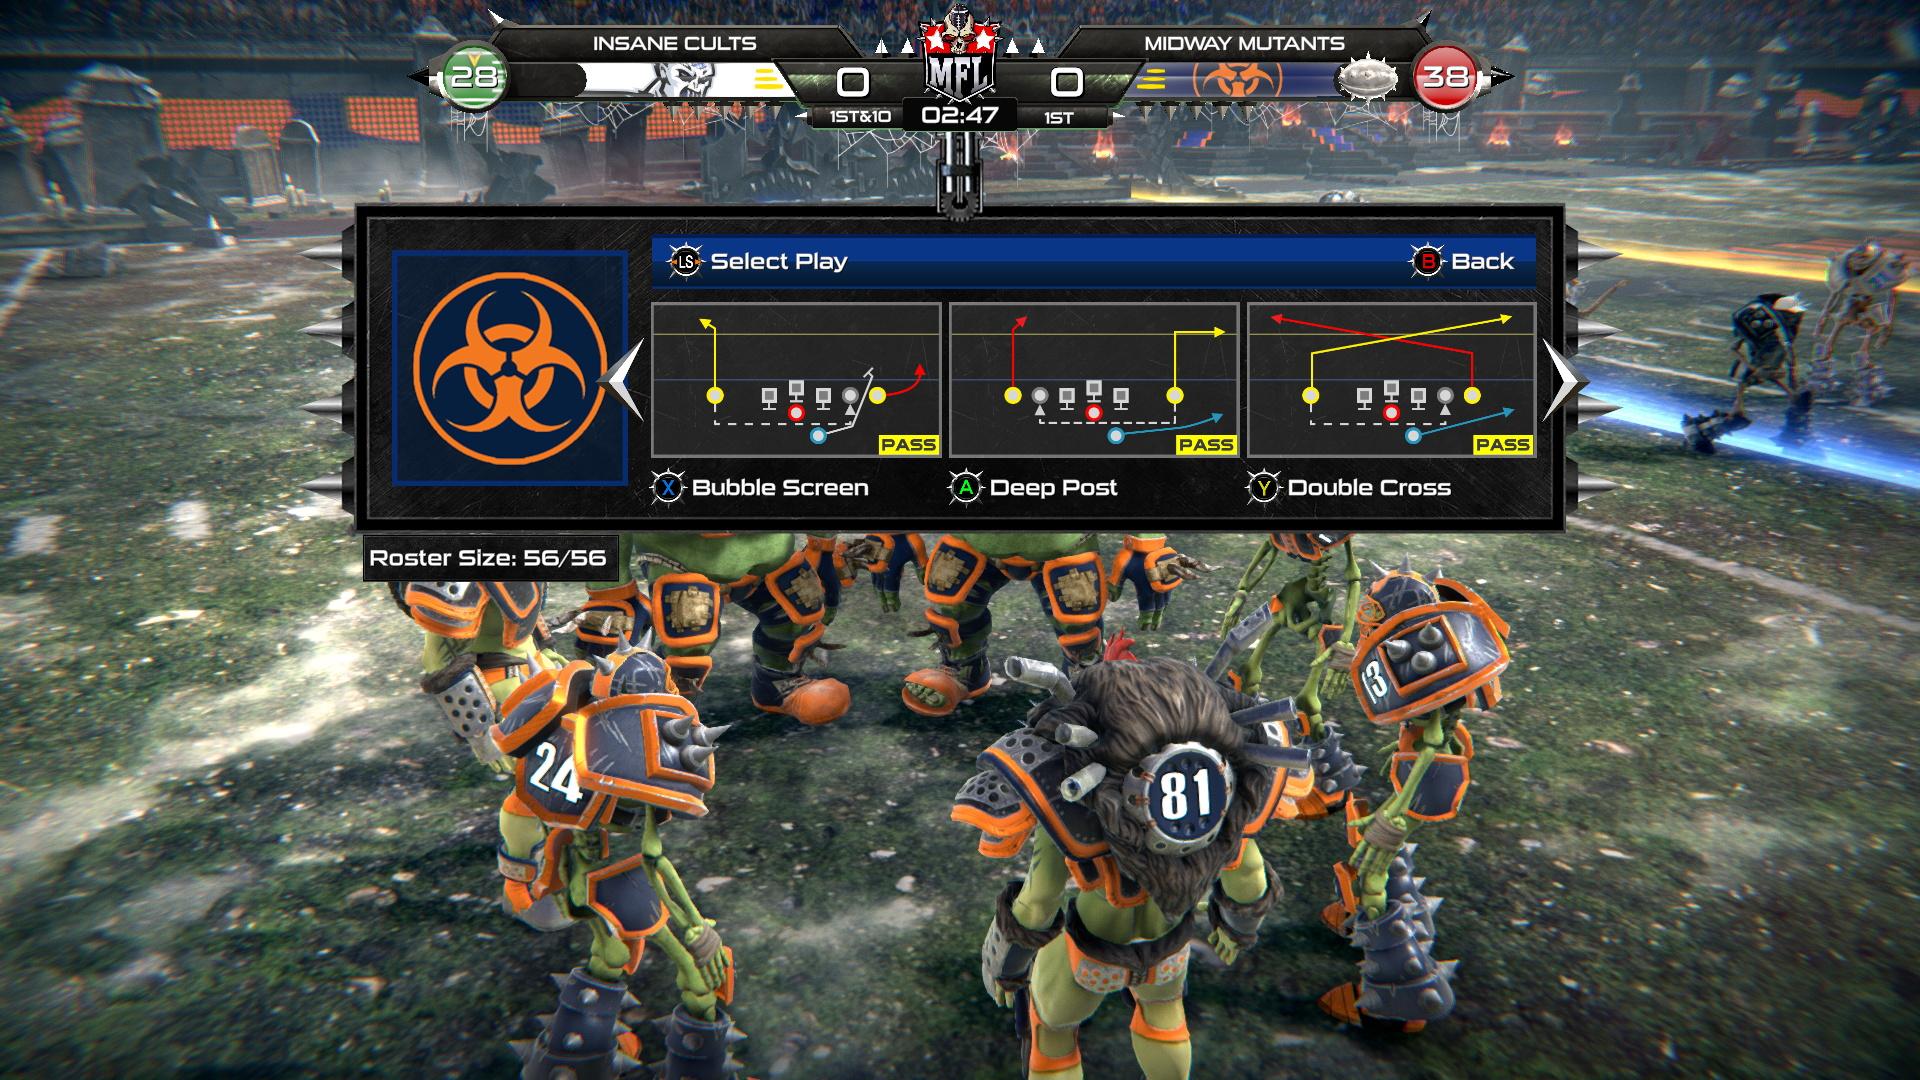 Exactement comme dans Madden NFL, on choisit une tactique du playbook avant chaque mise en jeu, avec des petits diagrammes indiquant le trajet des receveurs ou des runners.